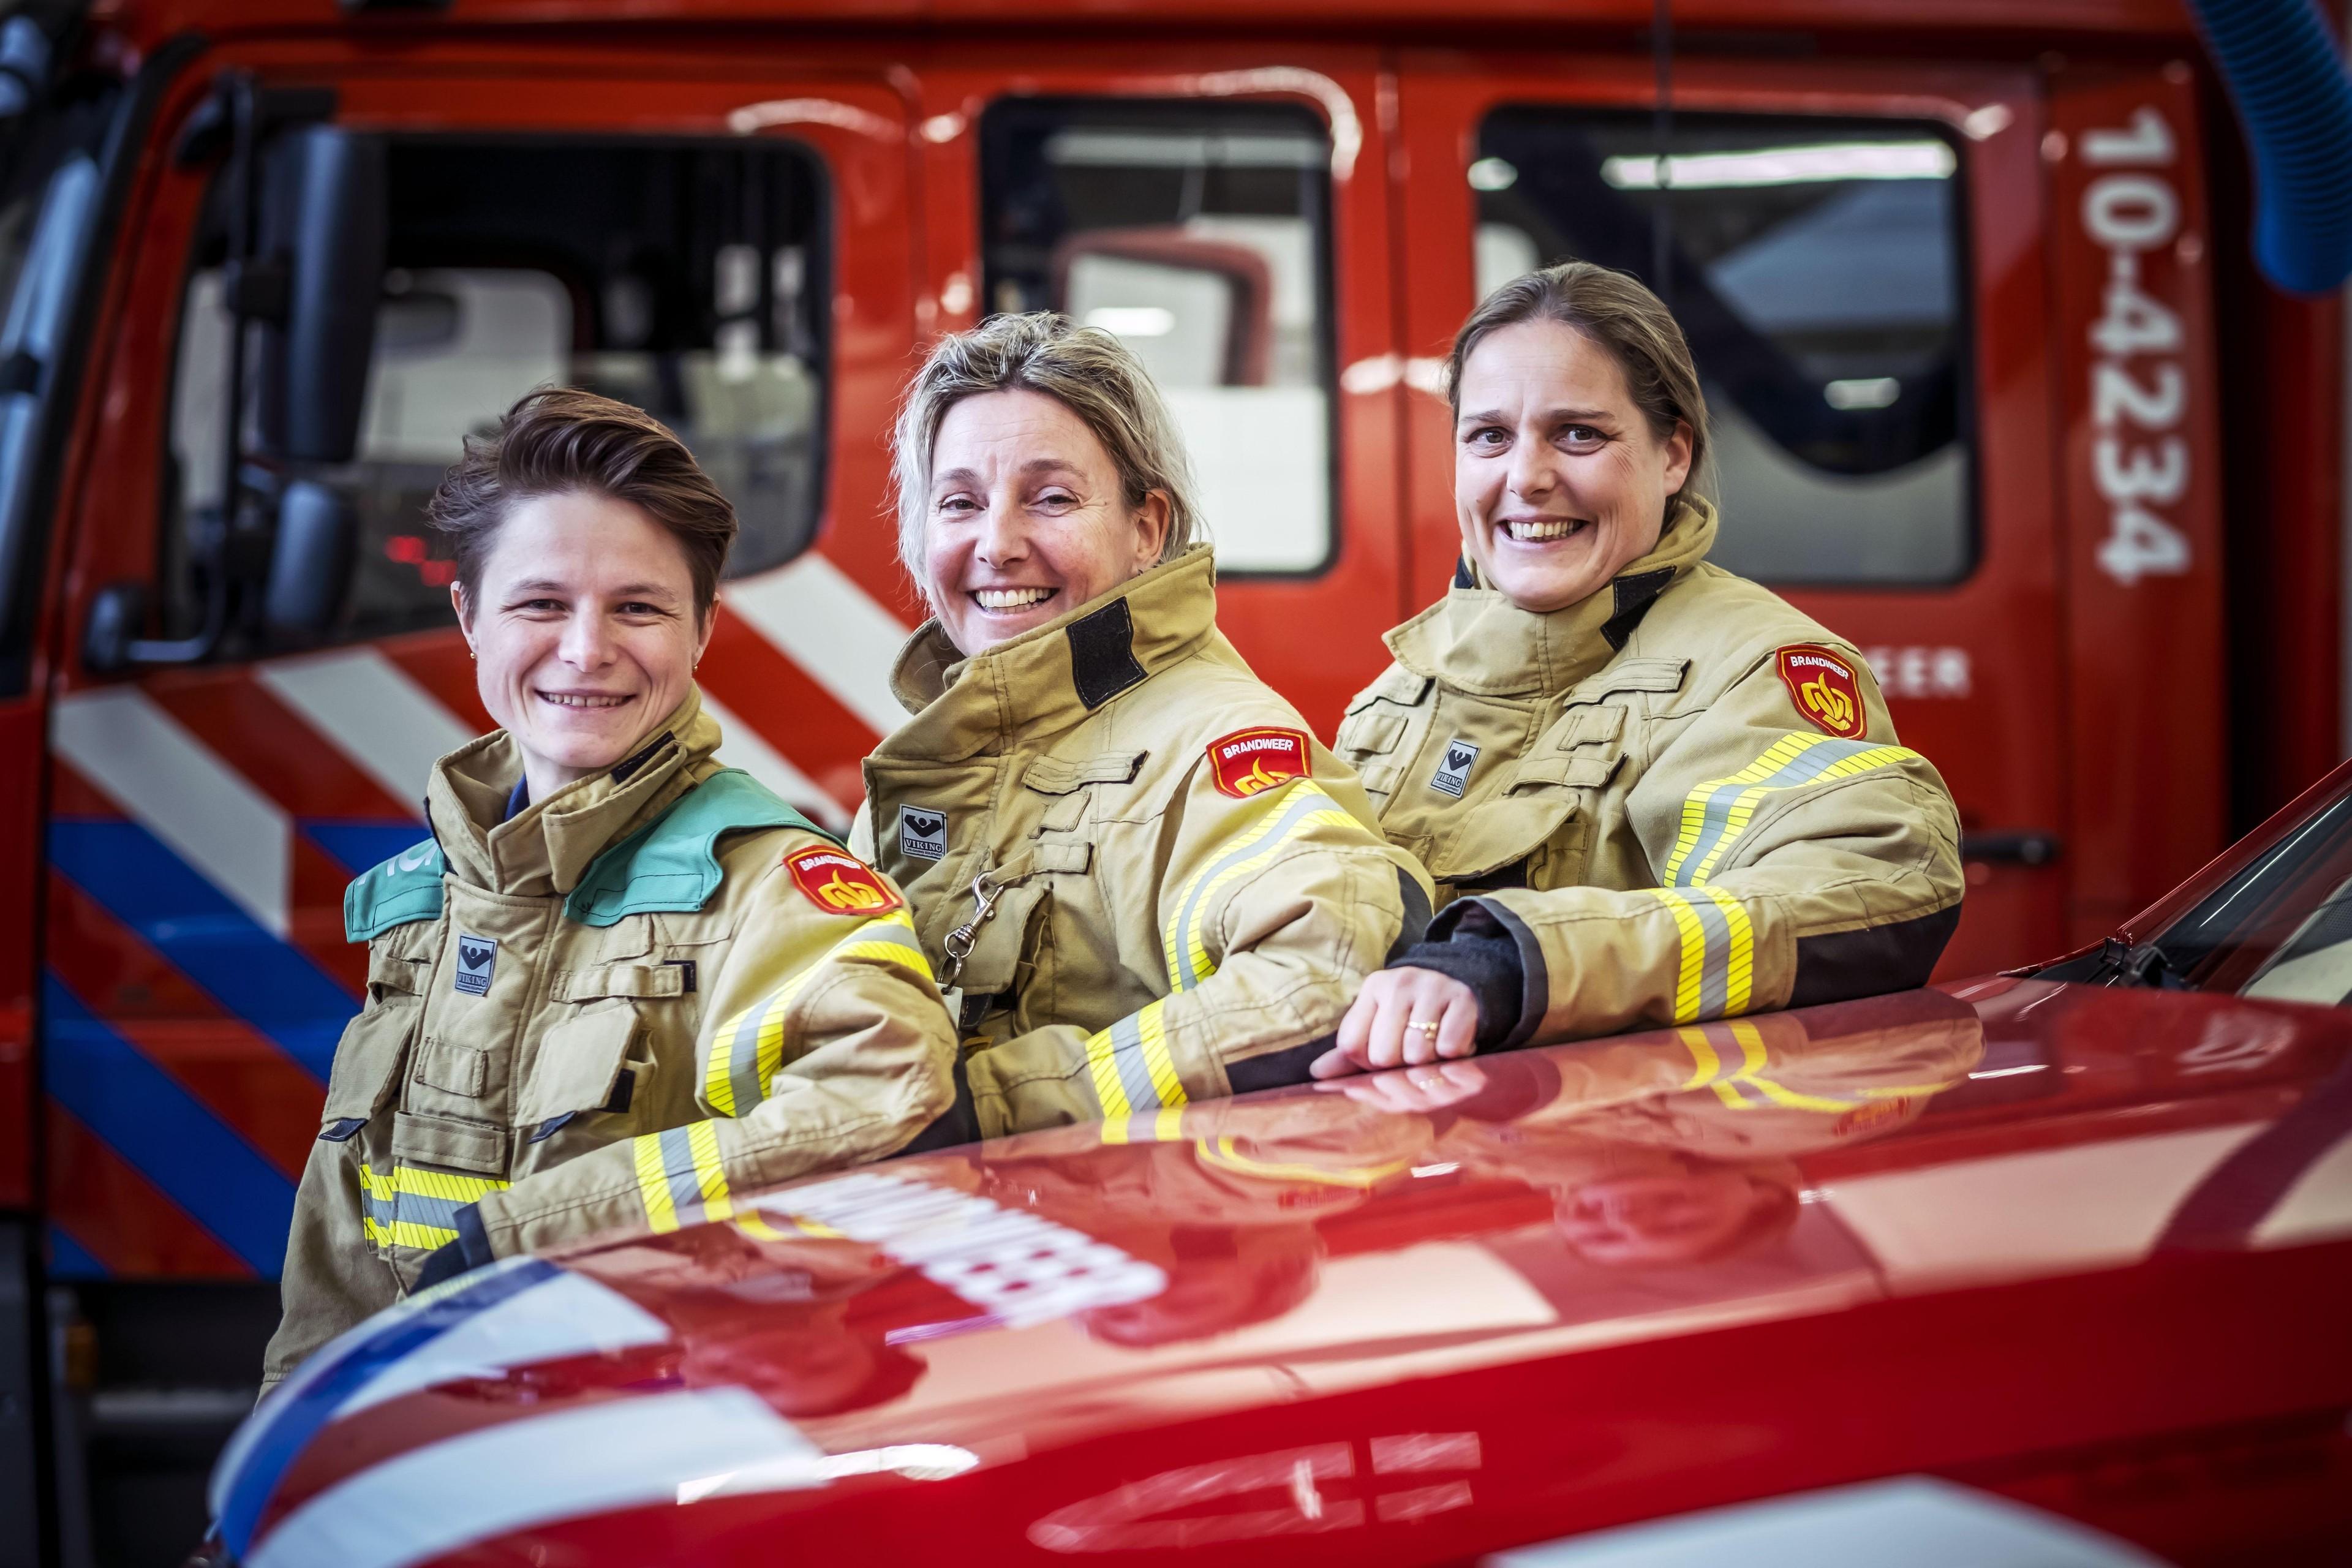 Vrouwen uit Alkmaar, Bergen aan Zee en De Rijp staan hun mannetje bij de regionale brandweer: 'Niet piepen als je nagel scheurt' - Noordhollands Dagblad